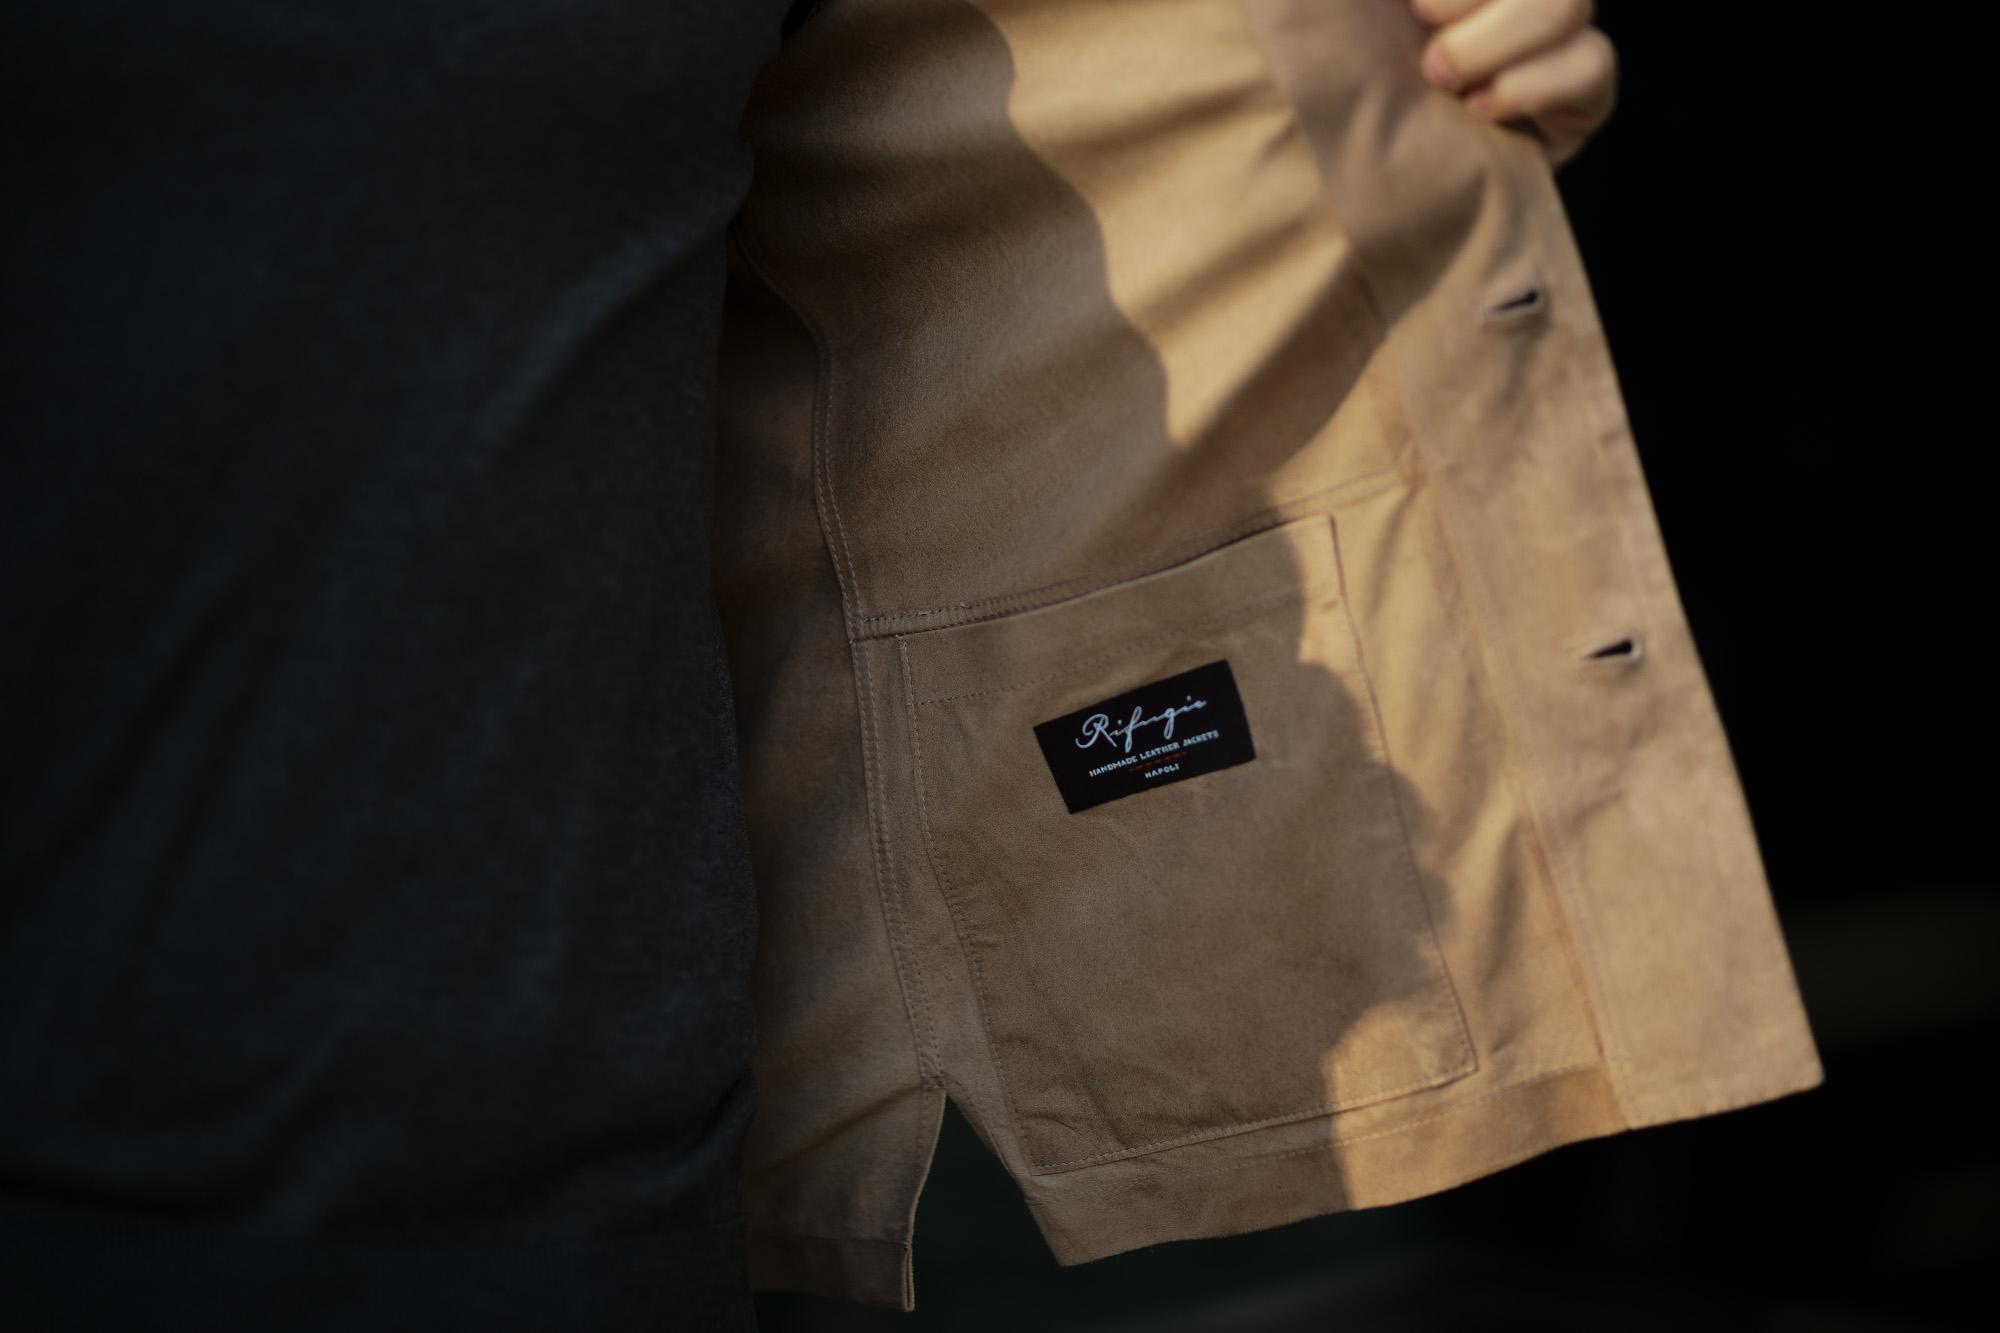 Alfredo Rifugio (アルフレード リフージオ) 20E326HM CAMOSCIO Summer Suede Leather Shirts サマースウェード レザーシャツ BEIGE(ベージュ) made in italy (イタリア製) 2020 春夏新作 alfredorifujio アルフレードリフージオ 愛知 名古屋 Alto e Diritto アルト エ デリット alto e diritto アルトエデリット レザージャケット 素肌にレザー 42,44,46,48,50,52